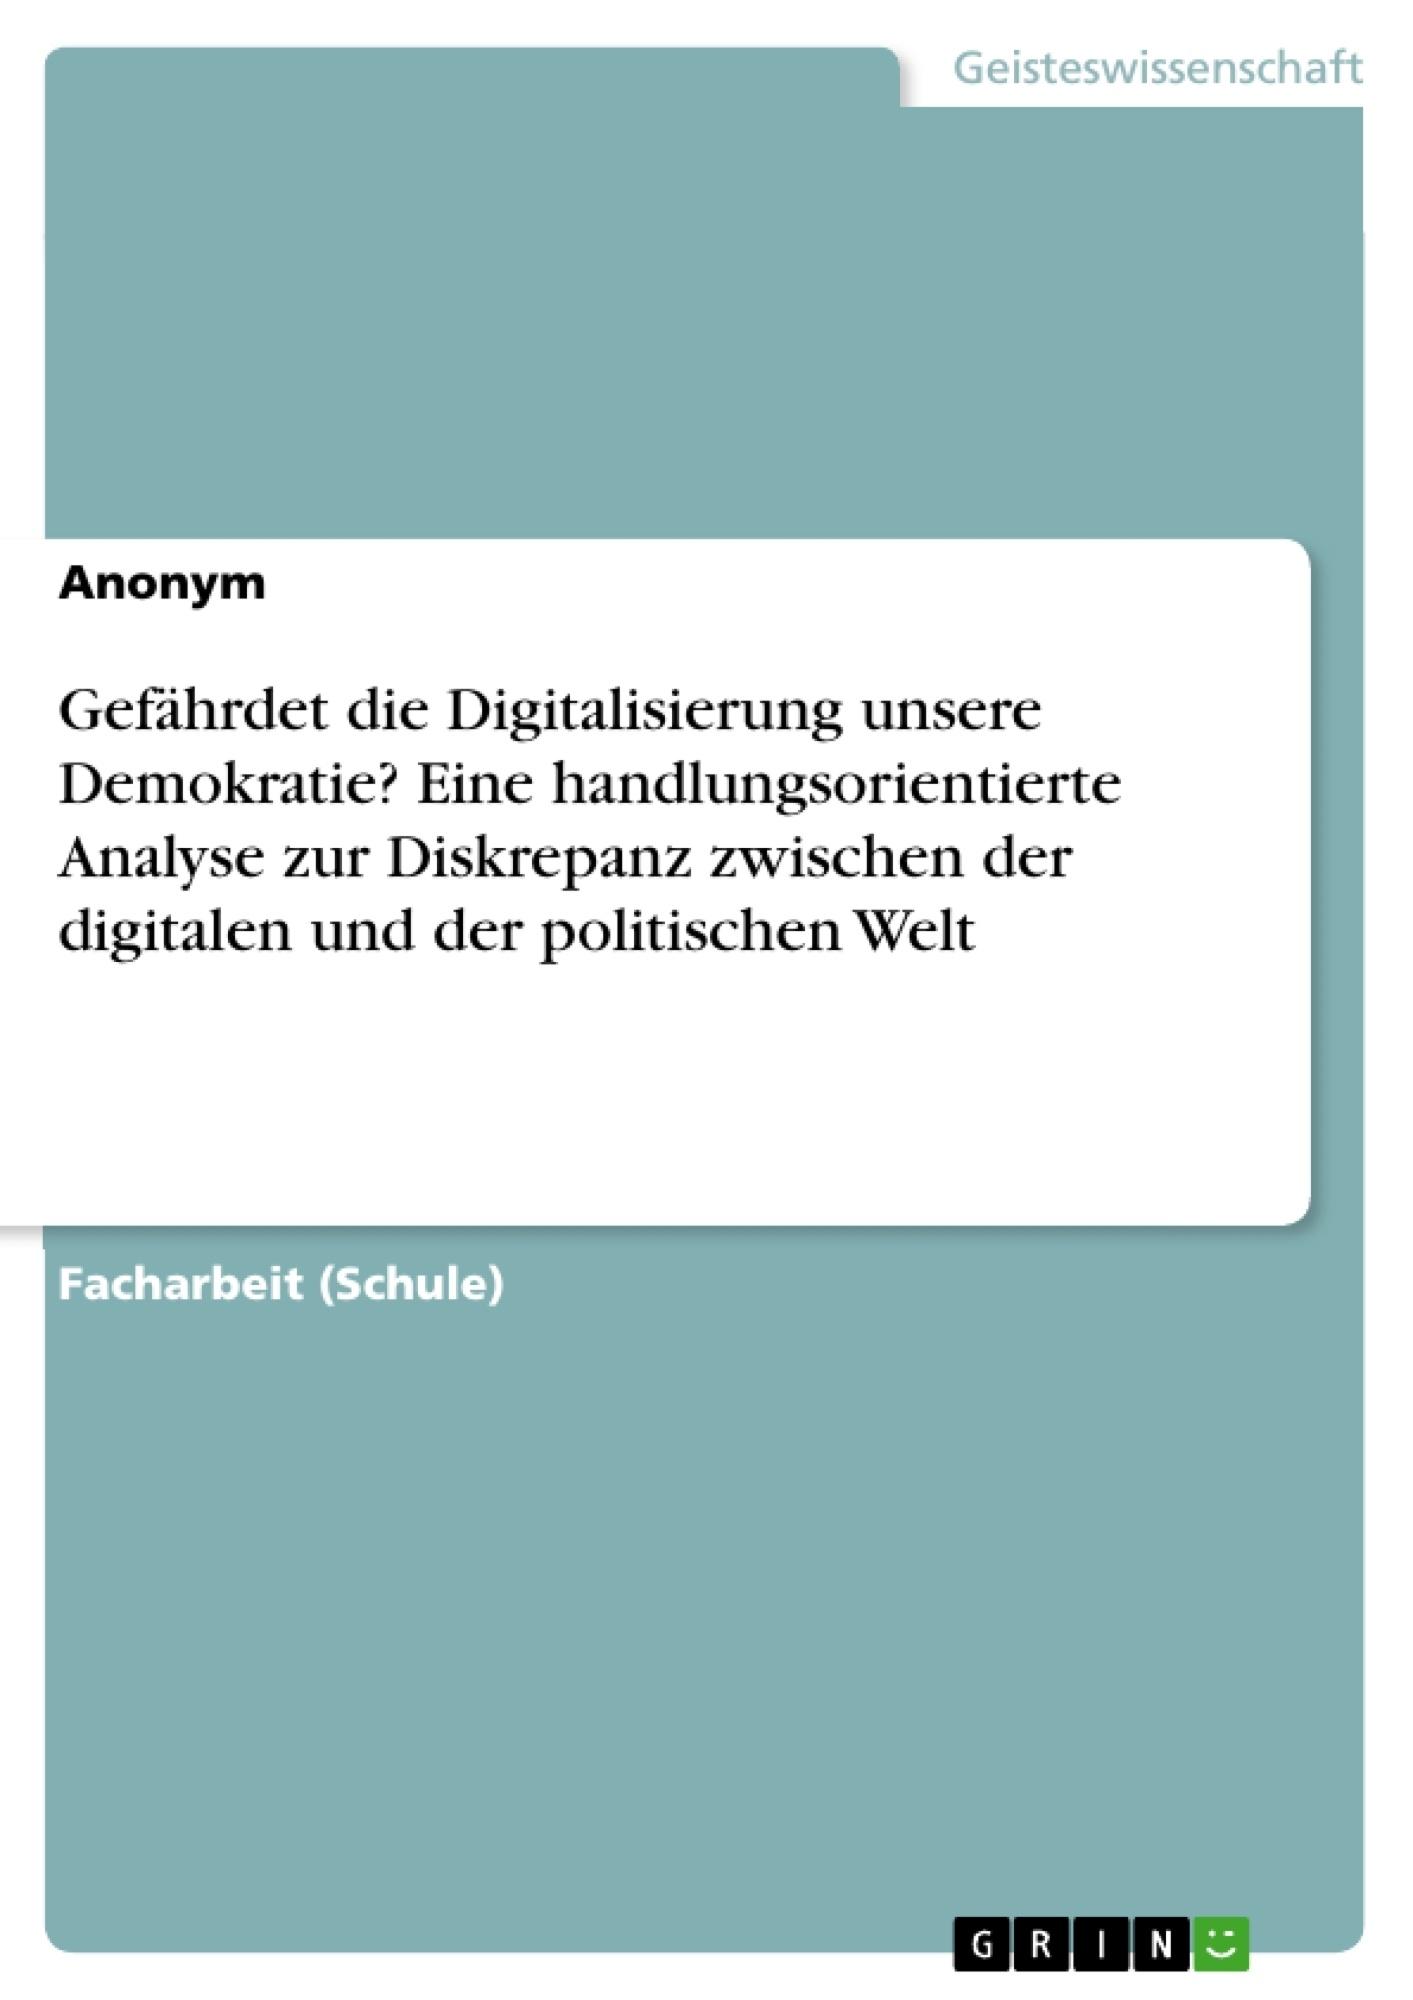 Titel: Gefährdet die Digitalisierung unsere Demokratie? Eine handlungsorientierte Analyse zur Diskrepanz zwischen der digitalen und der politischen Welt